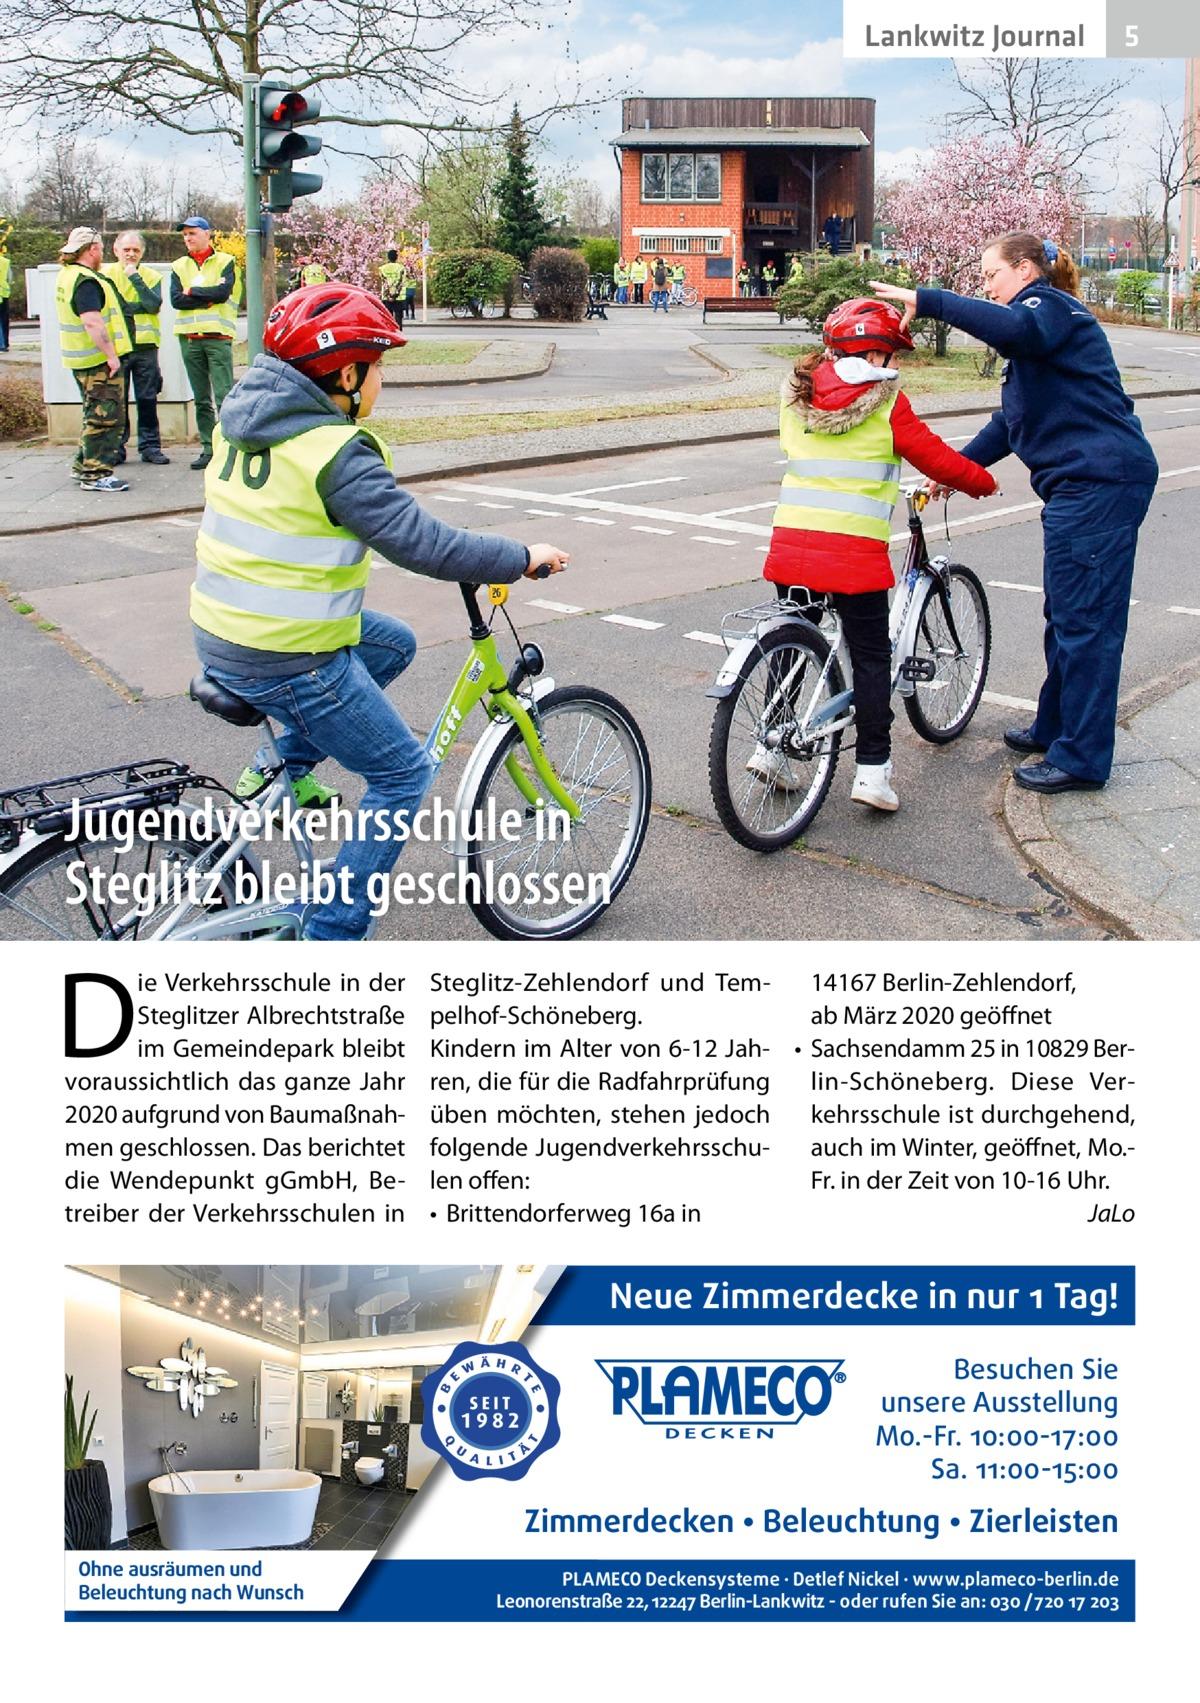 Lankwitz Journal  5  Jugendverkehrsschule in Steglitz bleibt geschlossen  D  ie Verkehrsschule in der Steglitzer Albrechtstraße im Gemeindepark bleibt voraussichtlich das ganze Jahr 2020 aufgrund von Baumaßnahmen geschlossen. Das berichtet die Wendepunkt gGmbH, Betreiber der Verkehrsschulen in  Steglitz-Zehlendorf und Tem14167Berlin-Zehlendorf, pelhof-Schöneberg. abMärz 2020 geöffnet Kindern im Alter von 6-12Jah- • Sachsendamm25 in 10829Berren, die für die Radfahrprüfung lin-Schöneberg. Diese Verüben möchten, stehen jedoch kehrsschule ist durchgehend, folgende Jugendverkehrsschuauch im Winter, geöffnet, Mo.len offen: Fr. in der Zeit von 10-16Uhr. • Brittendorferweg16a in JaLo  Neue Zimmerdecke in nur 1 Tag! Besuchen Sie unsere Ausstellung Mo.-Fr. 10:00-17:00 Sa. 11:00-15:00  Zimmerdecken • Beleuchtung • Zierleisten Ohne ausräumen und Beleuchtung nach Wunsch  PLAMECO Deckensysteme ∙ Detlef Nickel ∙ www.plameco-berlin.de Leonorenstraße 22, 12247 Berlin-Lankwitz - oder rufen Sie an: 030 /720 17 203